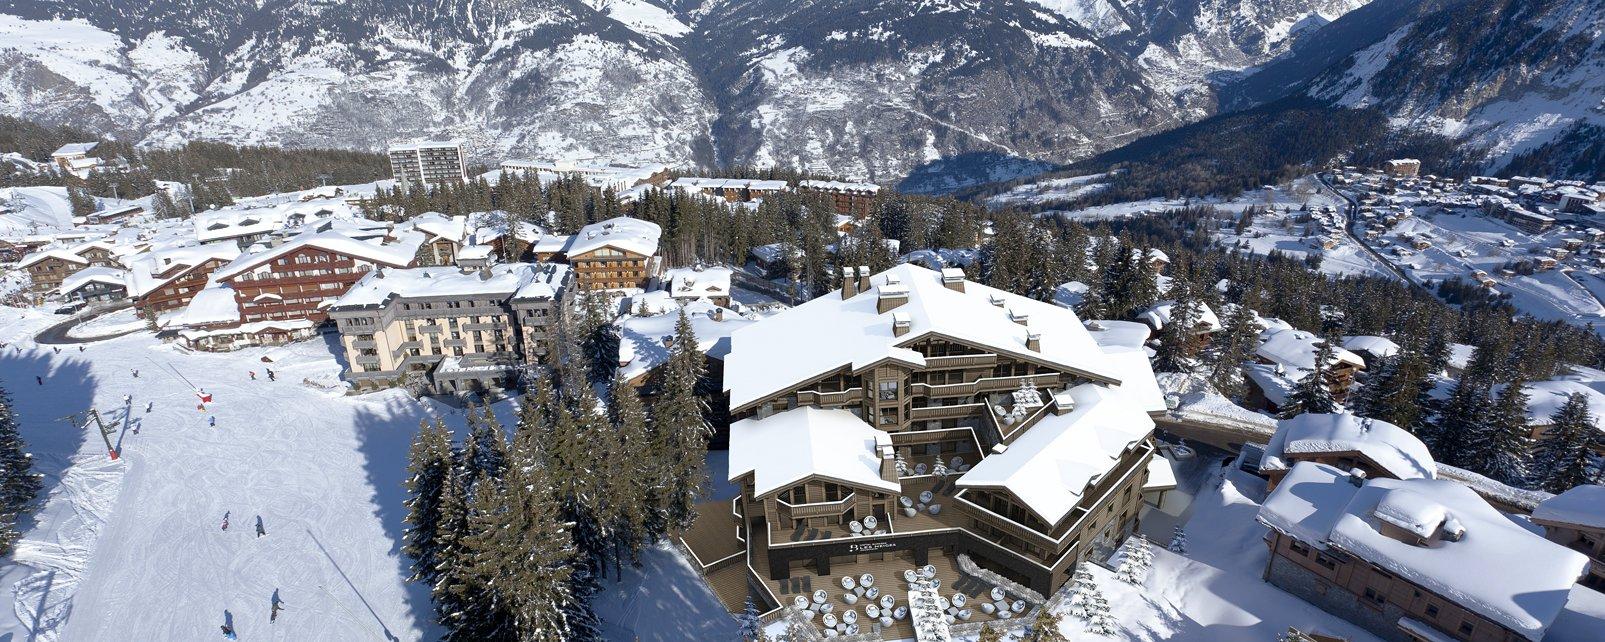 Hôtel Des Neiges